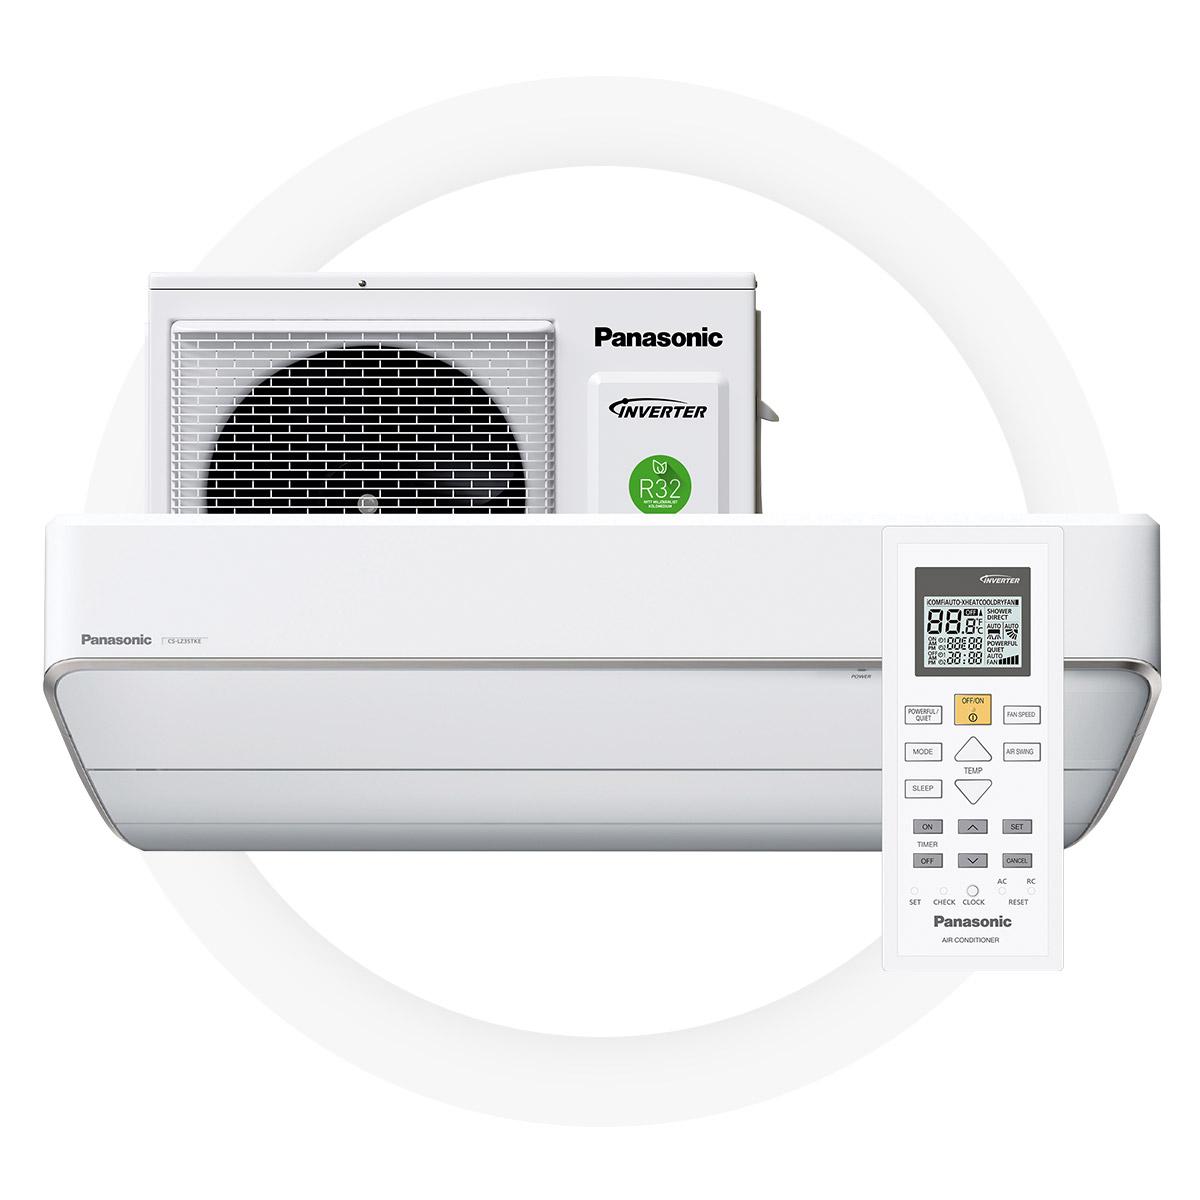 Panasonic lz25-TKE - Högt SCOP - värde på 5,0 ger stora besparingarA++ energieffektivitetEffektiv och pålitligt även vid en utomhustemperatur på -35°COtroligt tyst arbetsläge – bara 18 dB5 års full fabriksgaranti från Panasonic